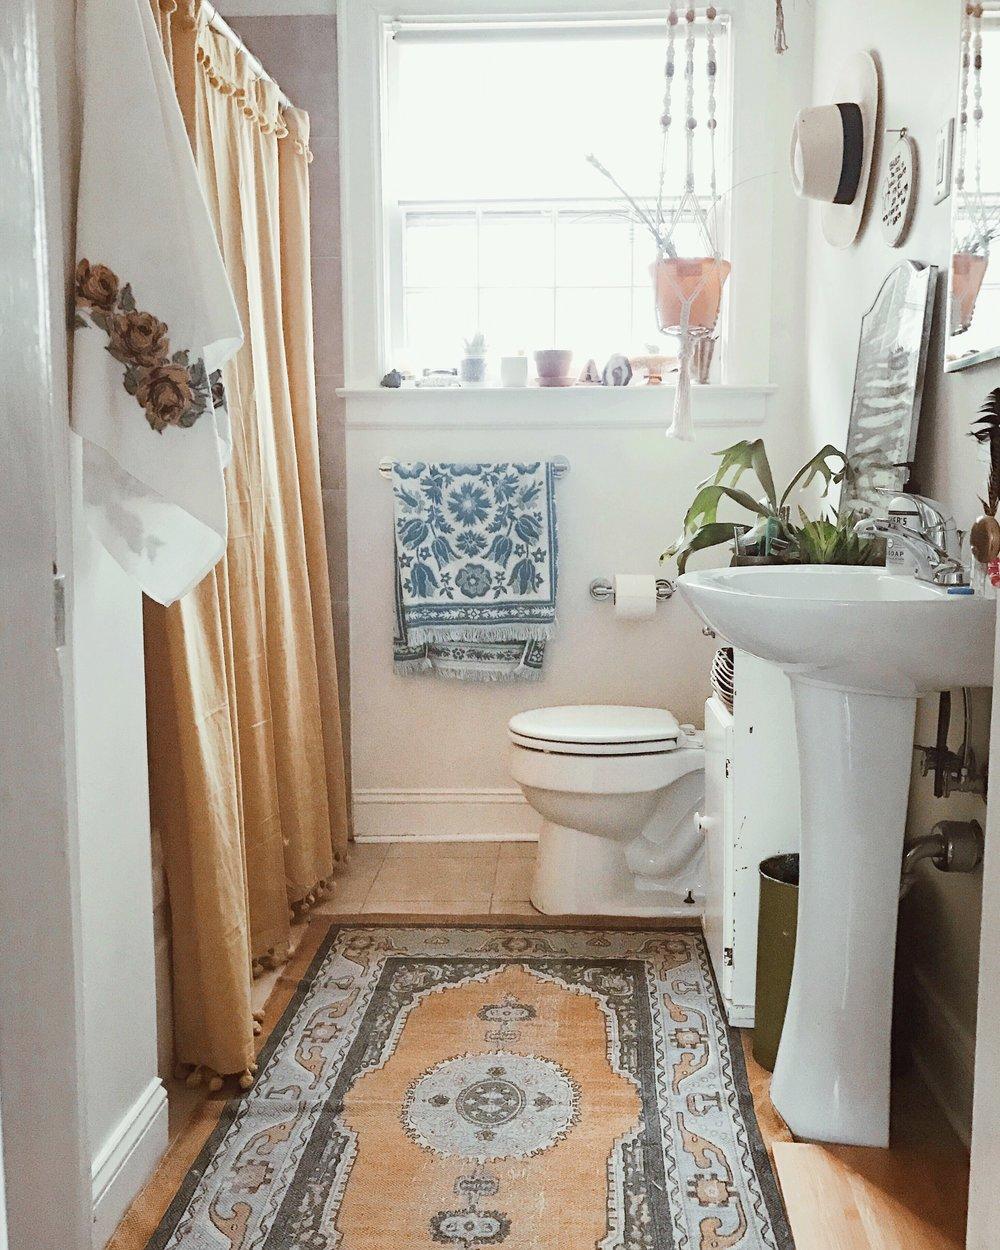 Leah's dreamy bathroom.